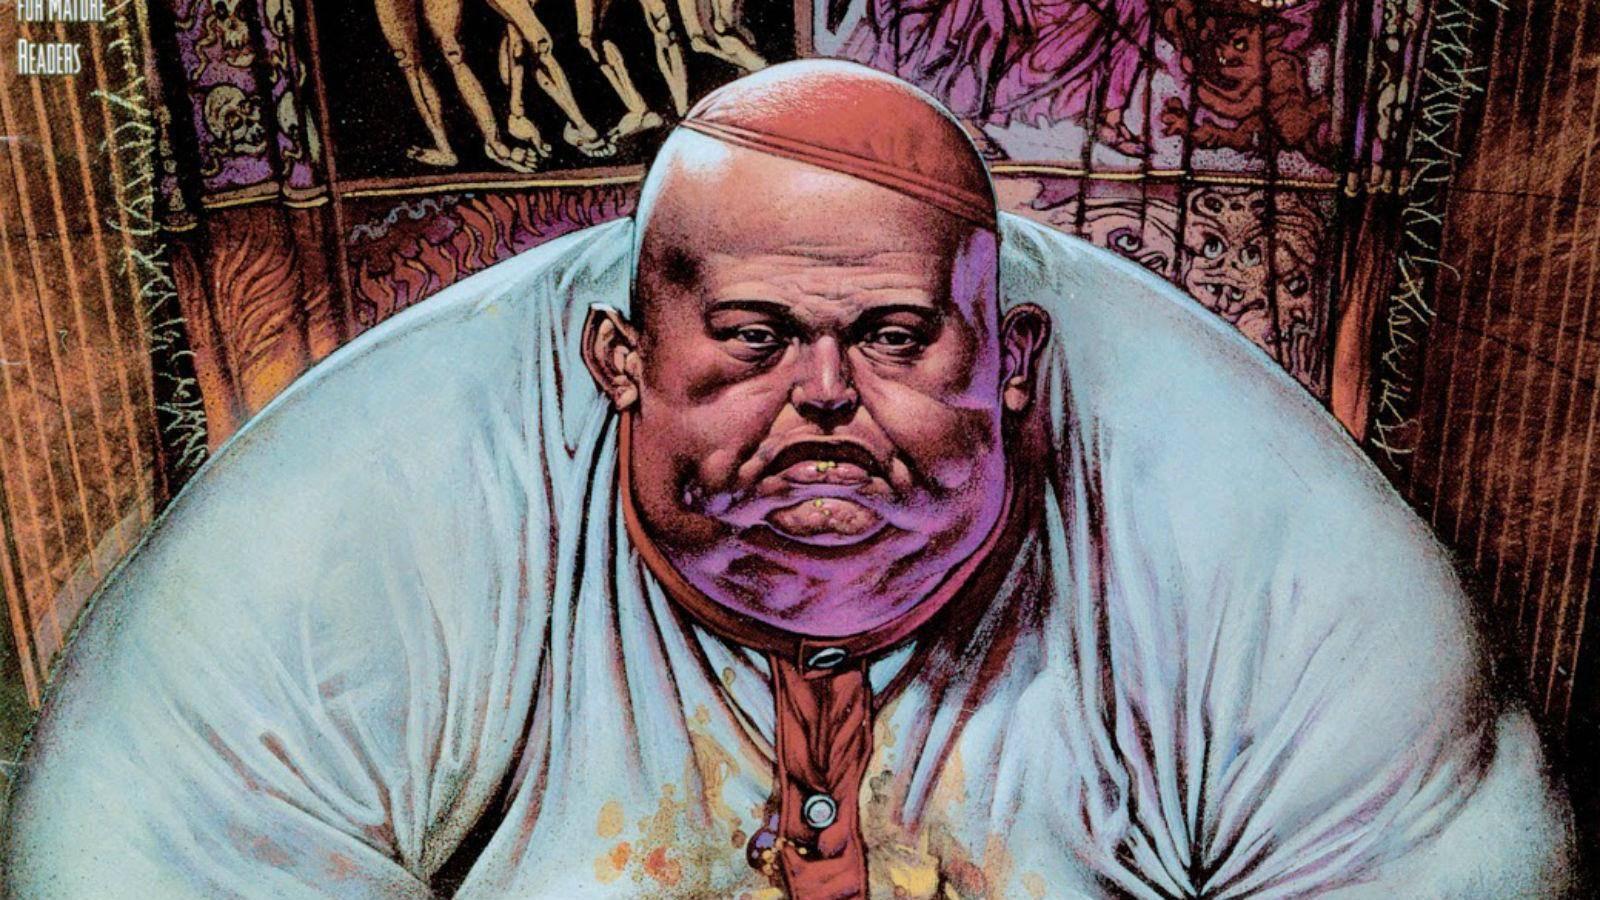 Primera aparición: Preacher #21 (Enero 1997)